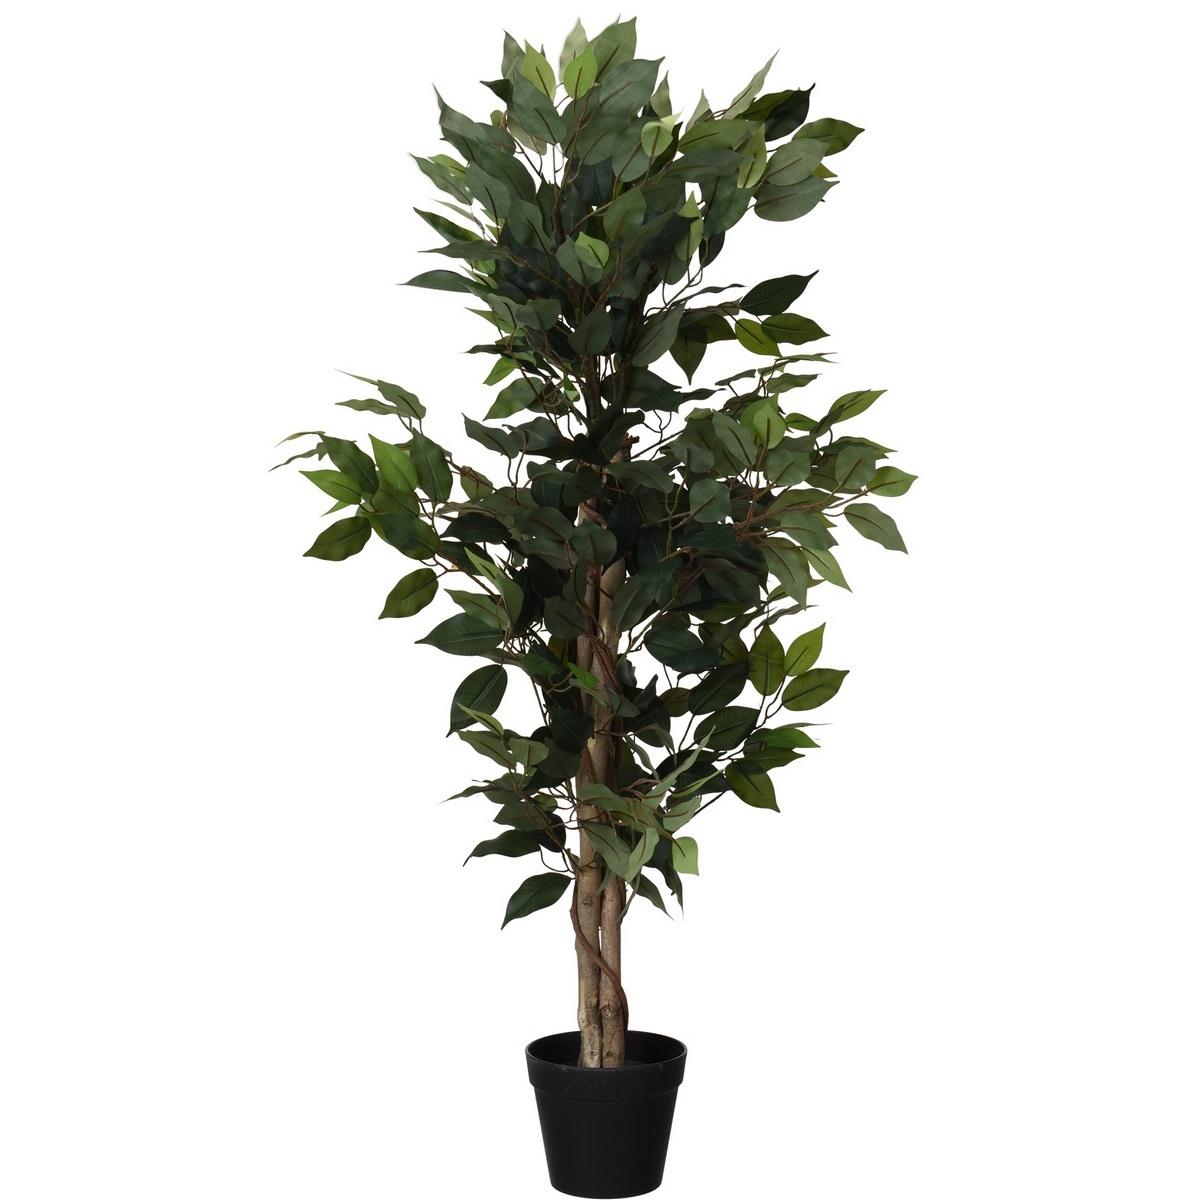 Umělá rostlina v květináči Missy, 115 cm